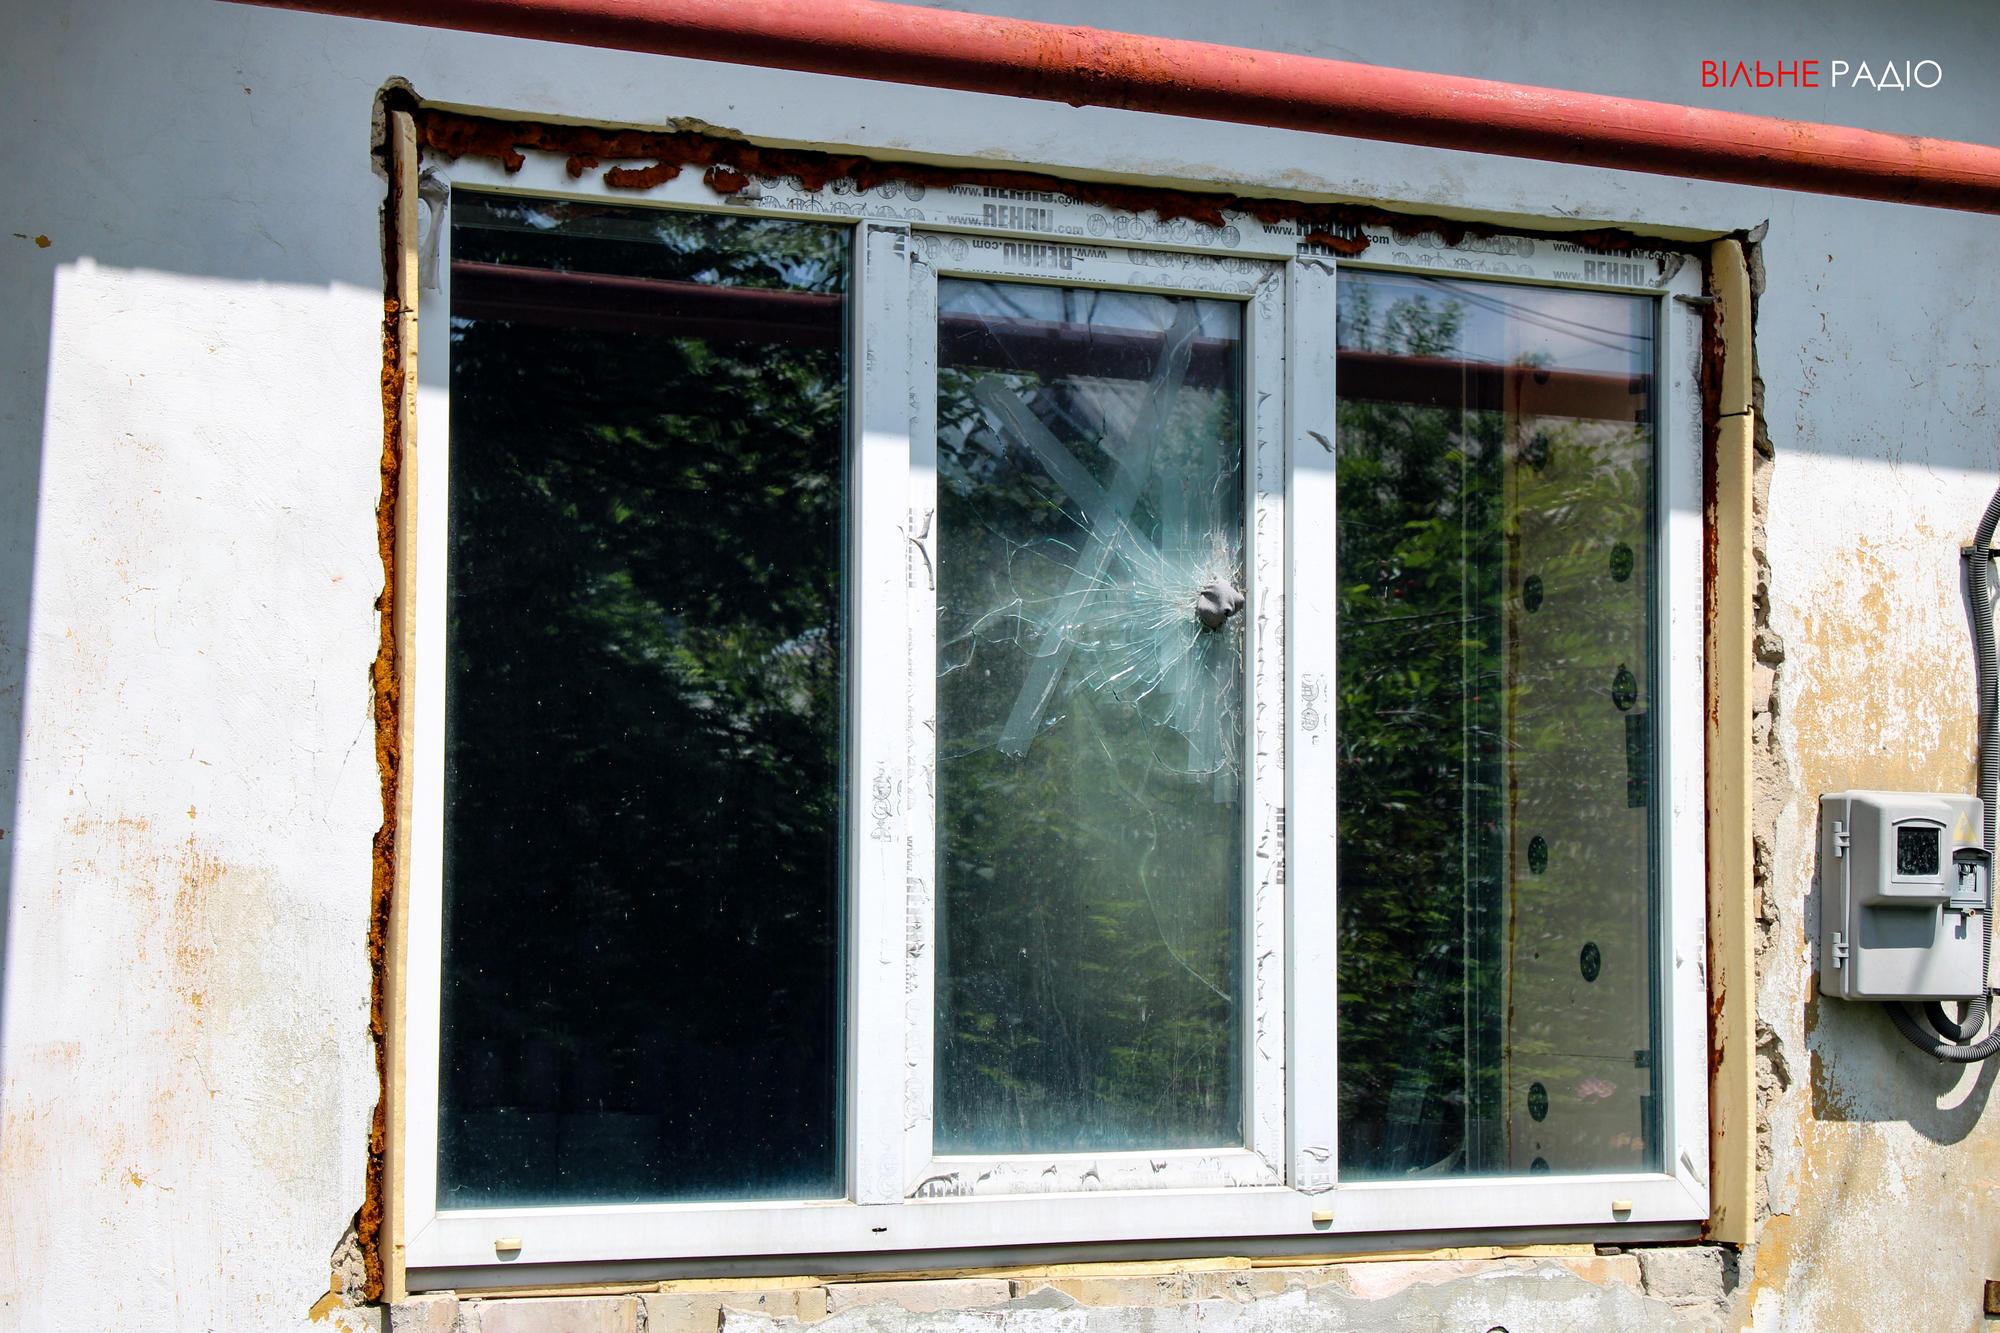 Окно одного из домов в Майорске, куда попал снаряд